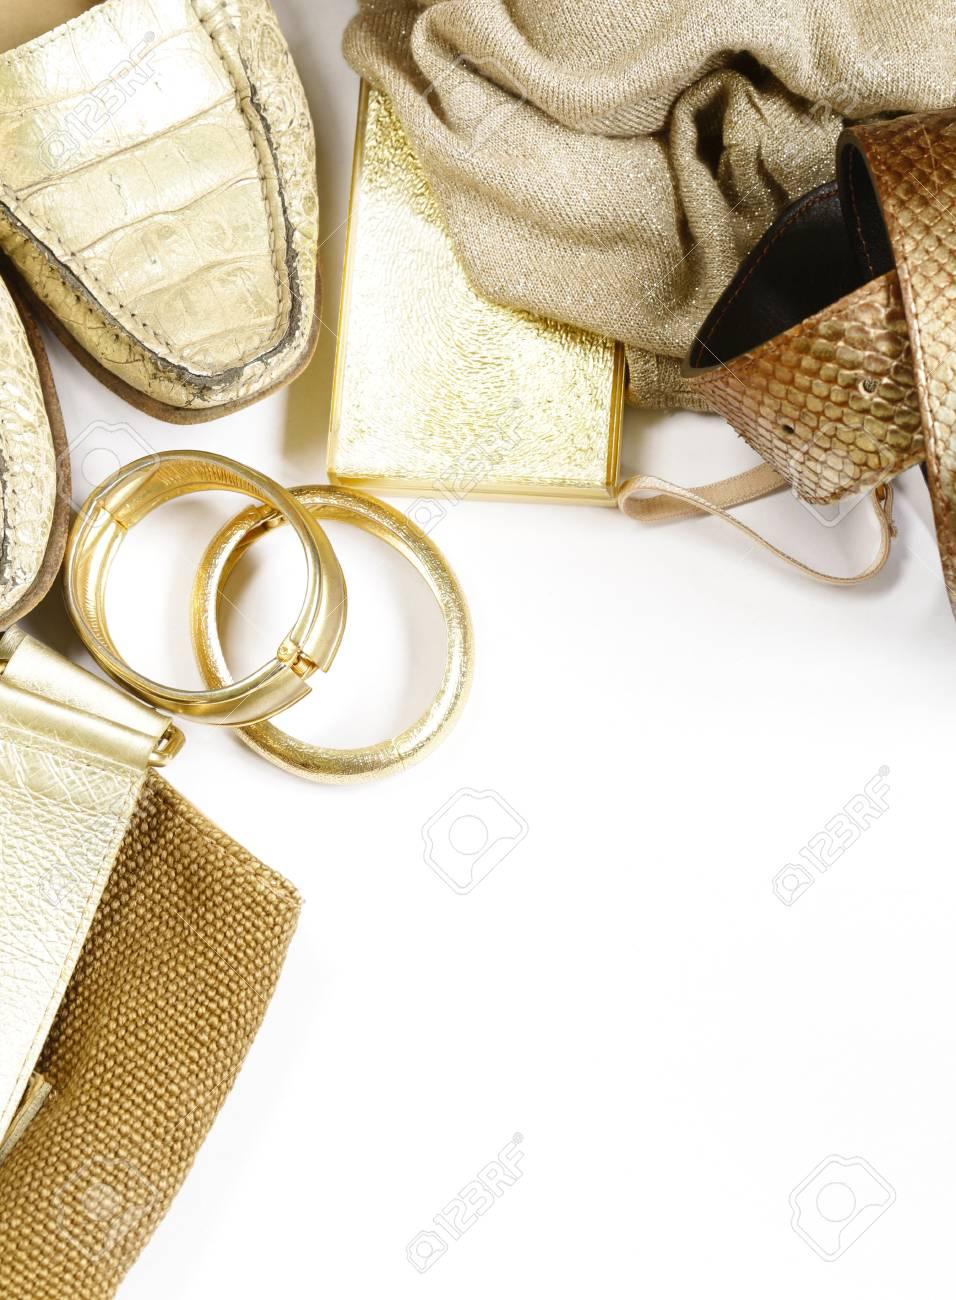 Accessoires de mode pour les femmes sac à main, un foulard, une ceinture et des bijoux